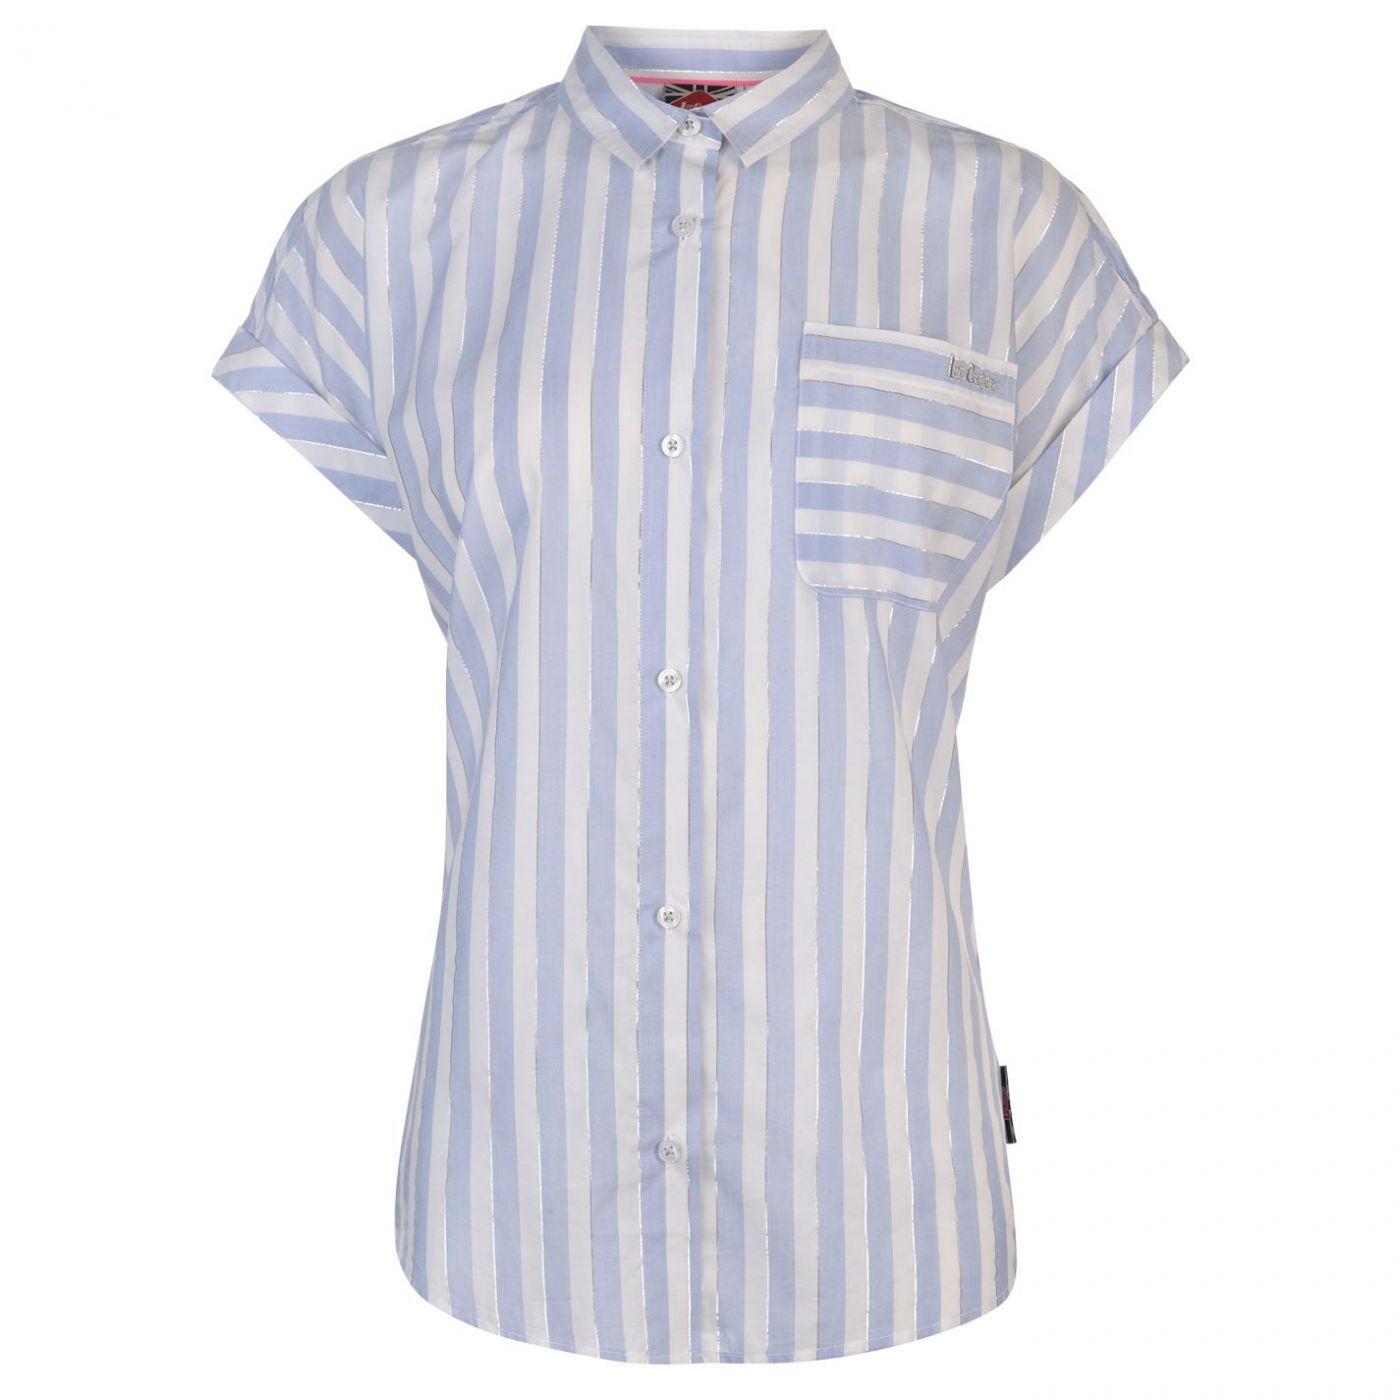 Lee Cooper Short Sleeve Casual Stripe Shirt Ladies